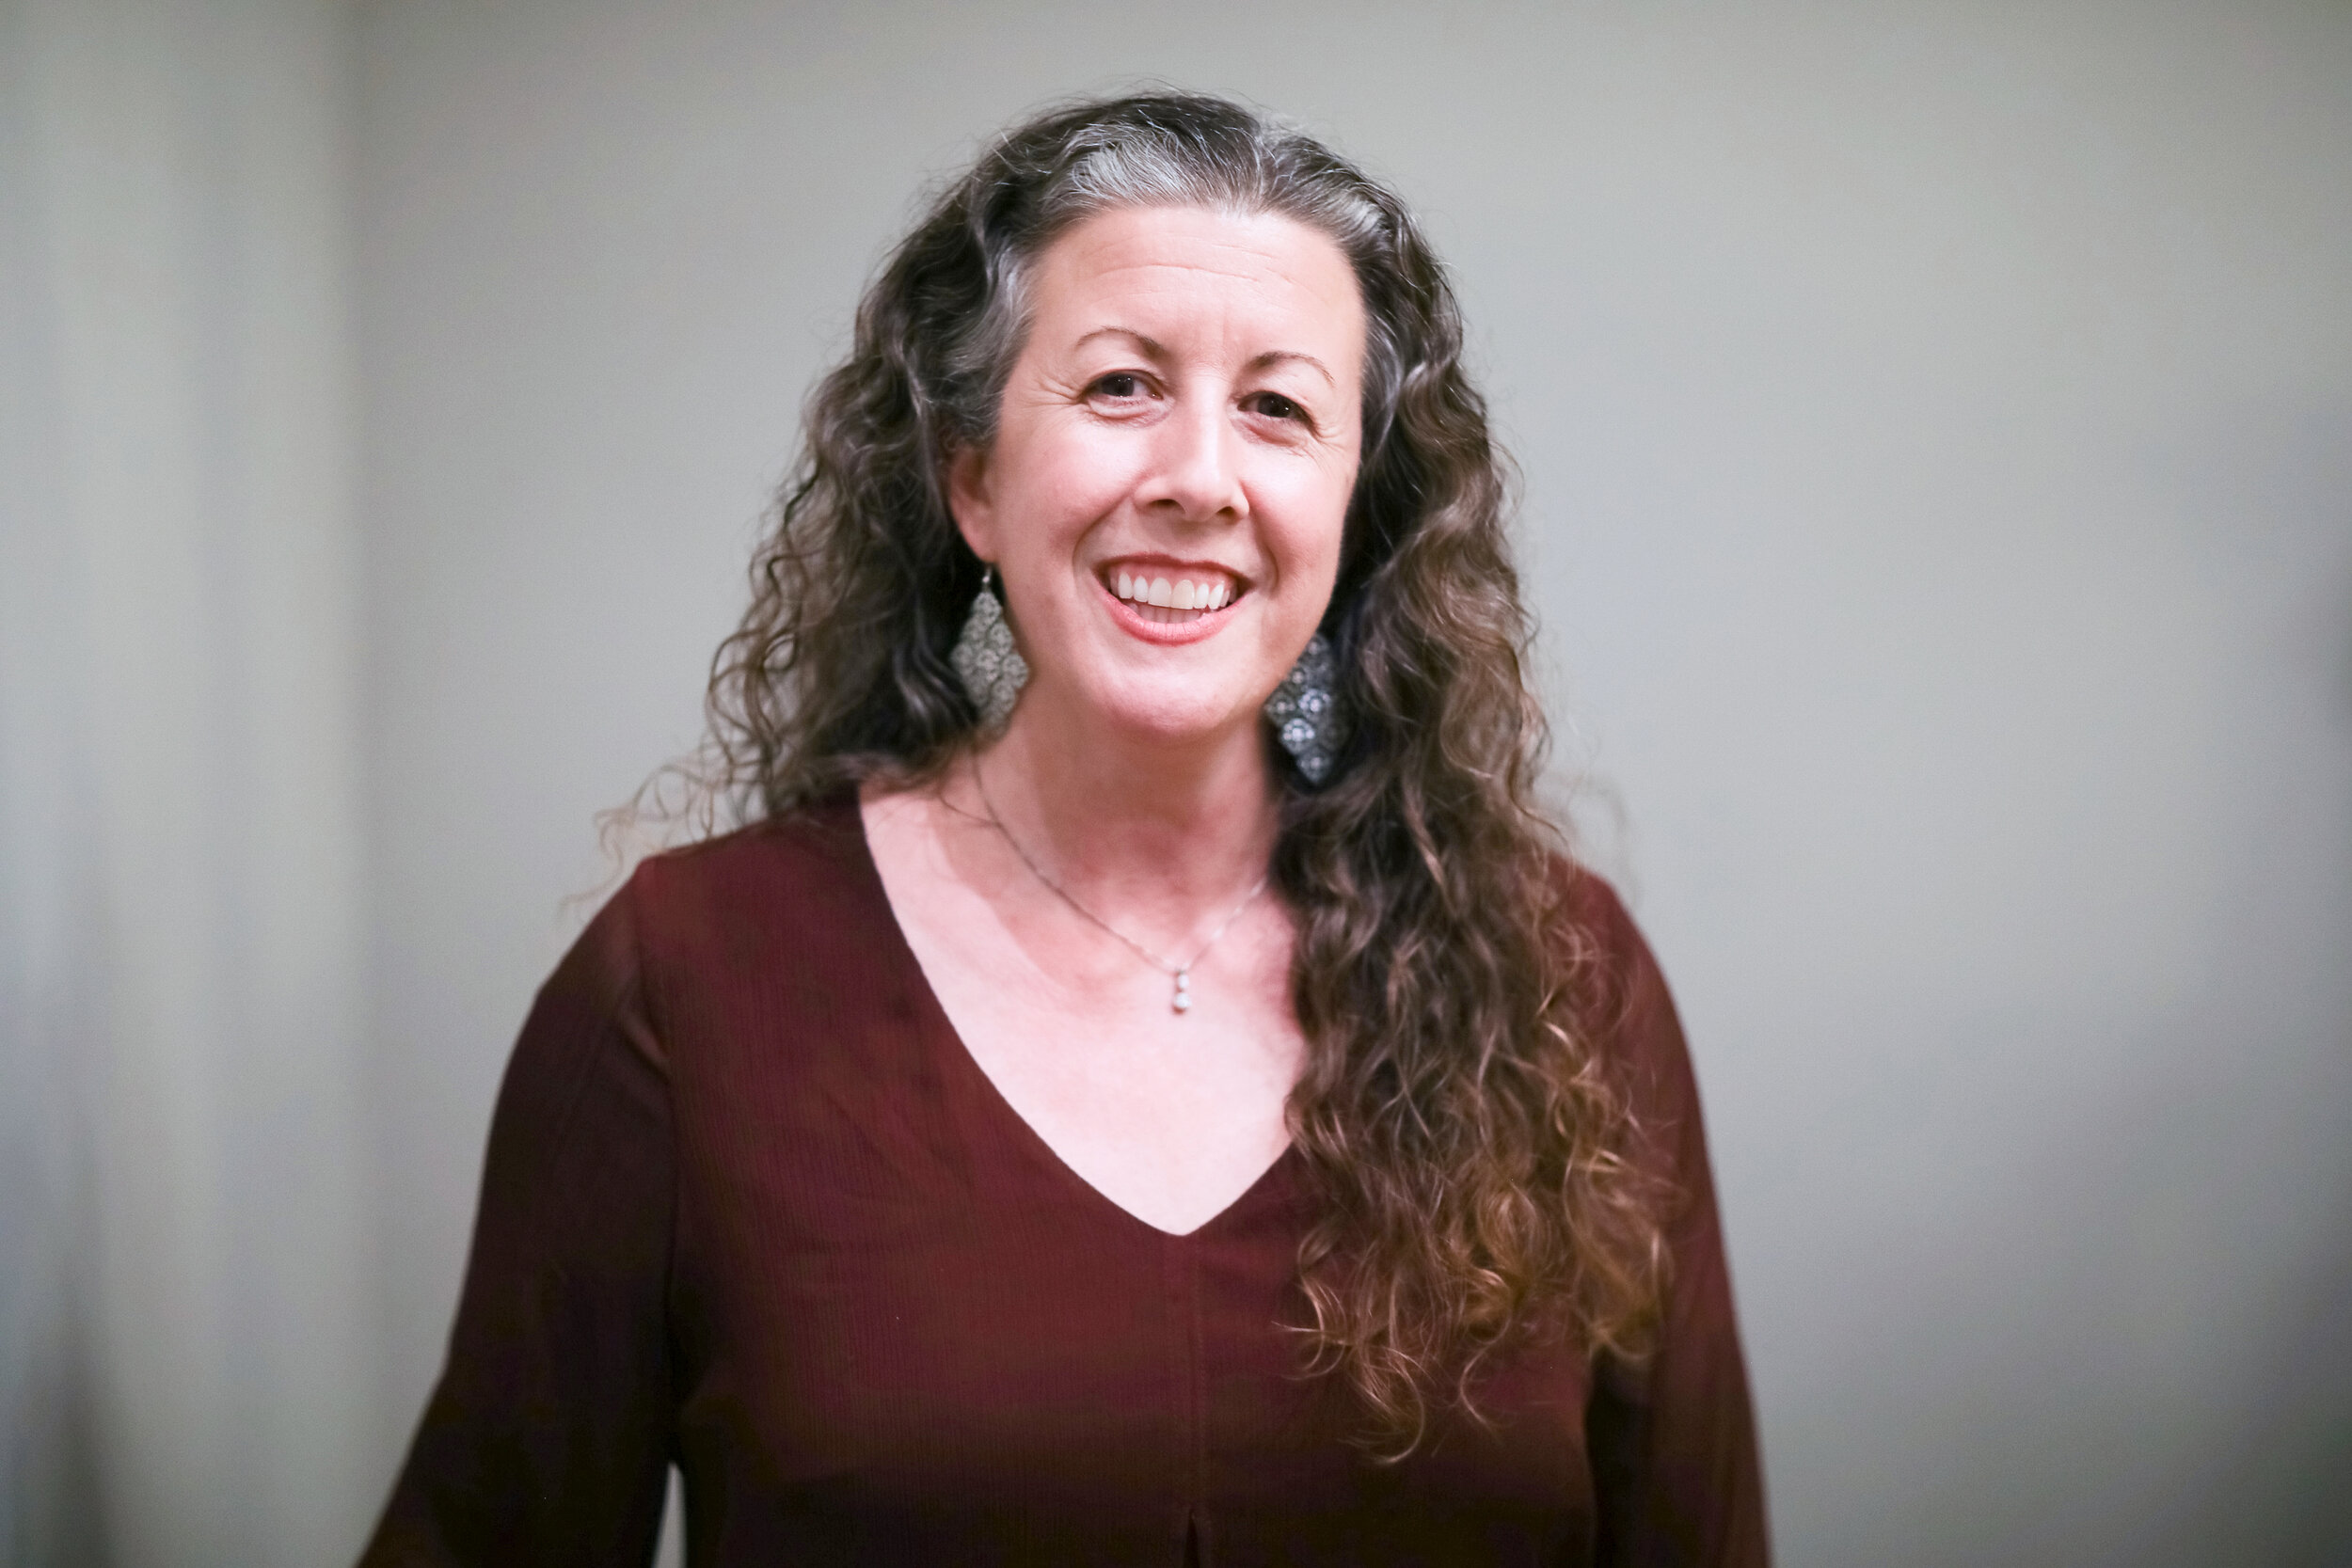 Amy Venditti